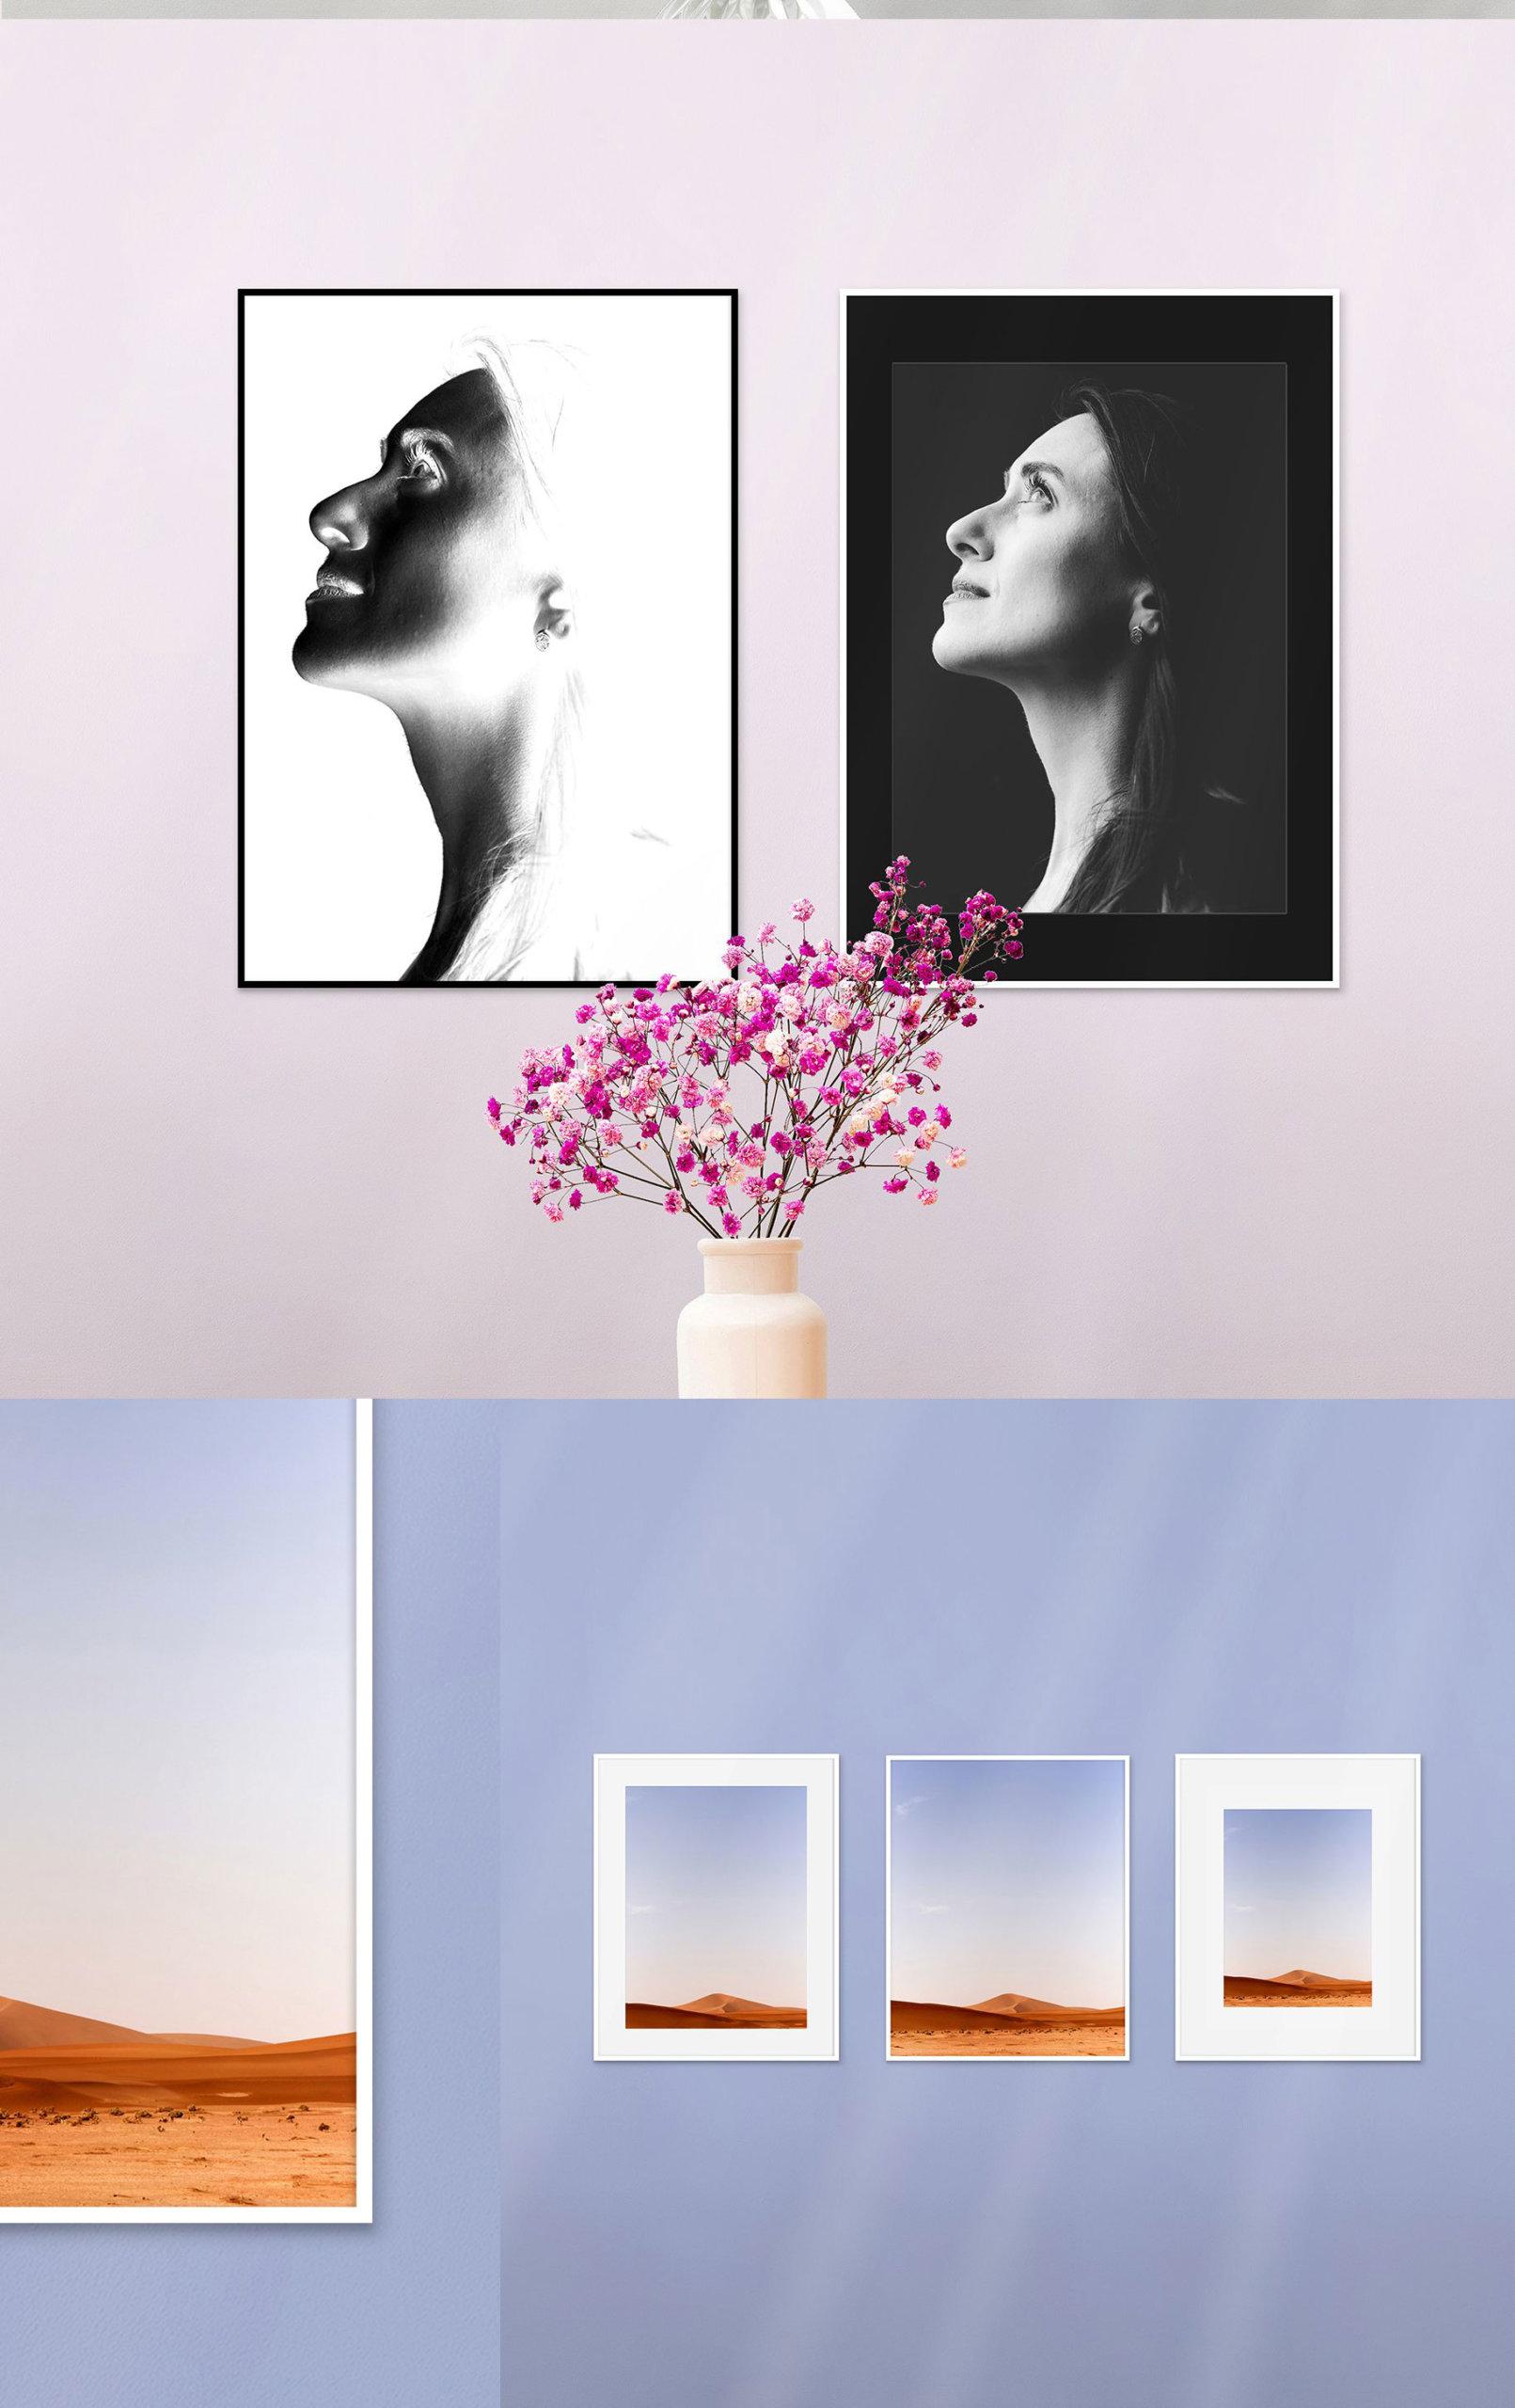 时尚绘画艺术品相片展示相框框架样机模板 Automatic Frame Mock-up Creator插图8